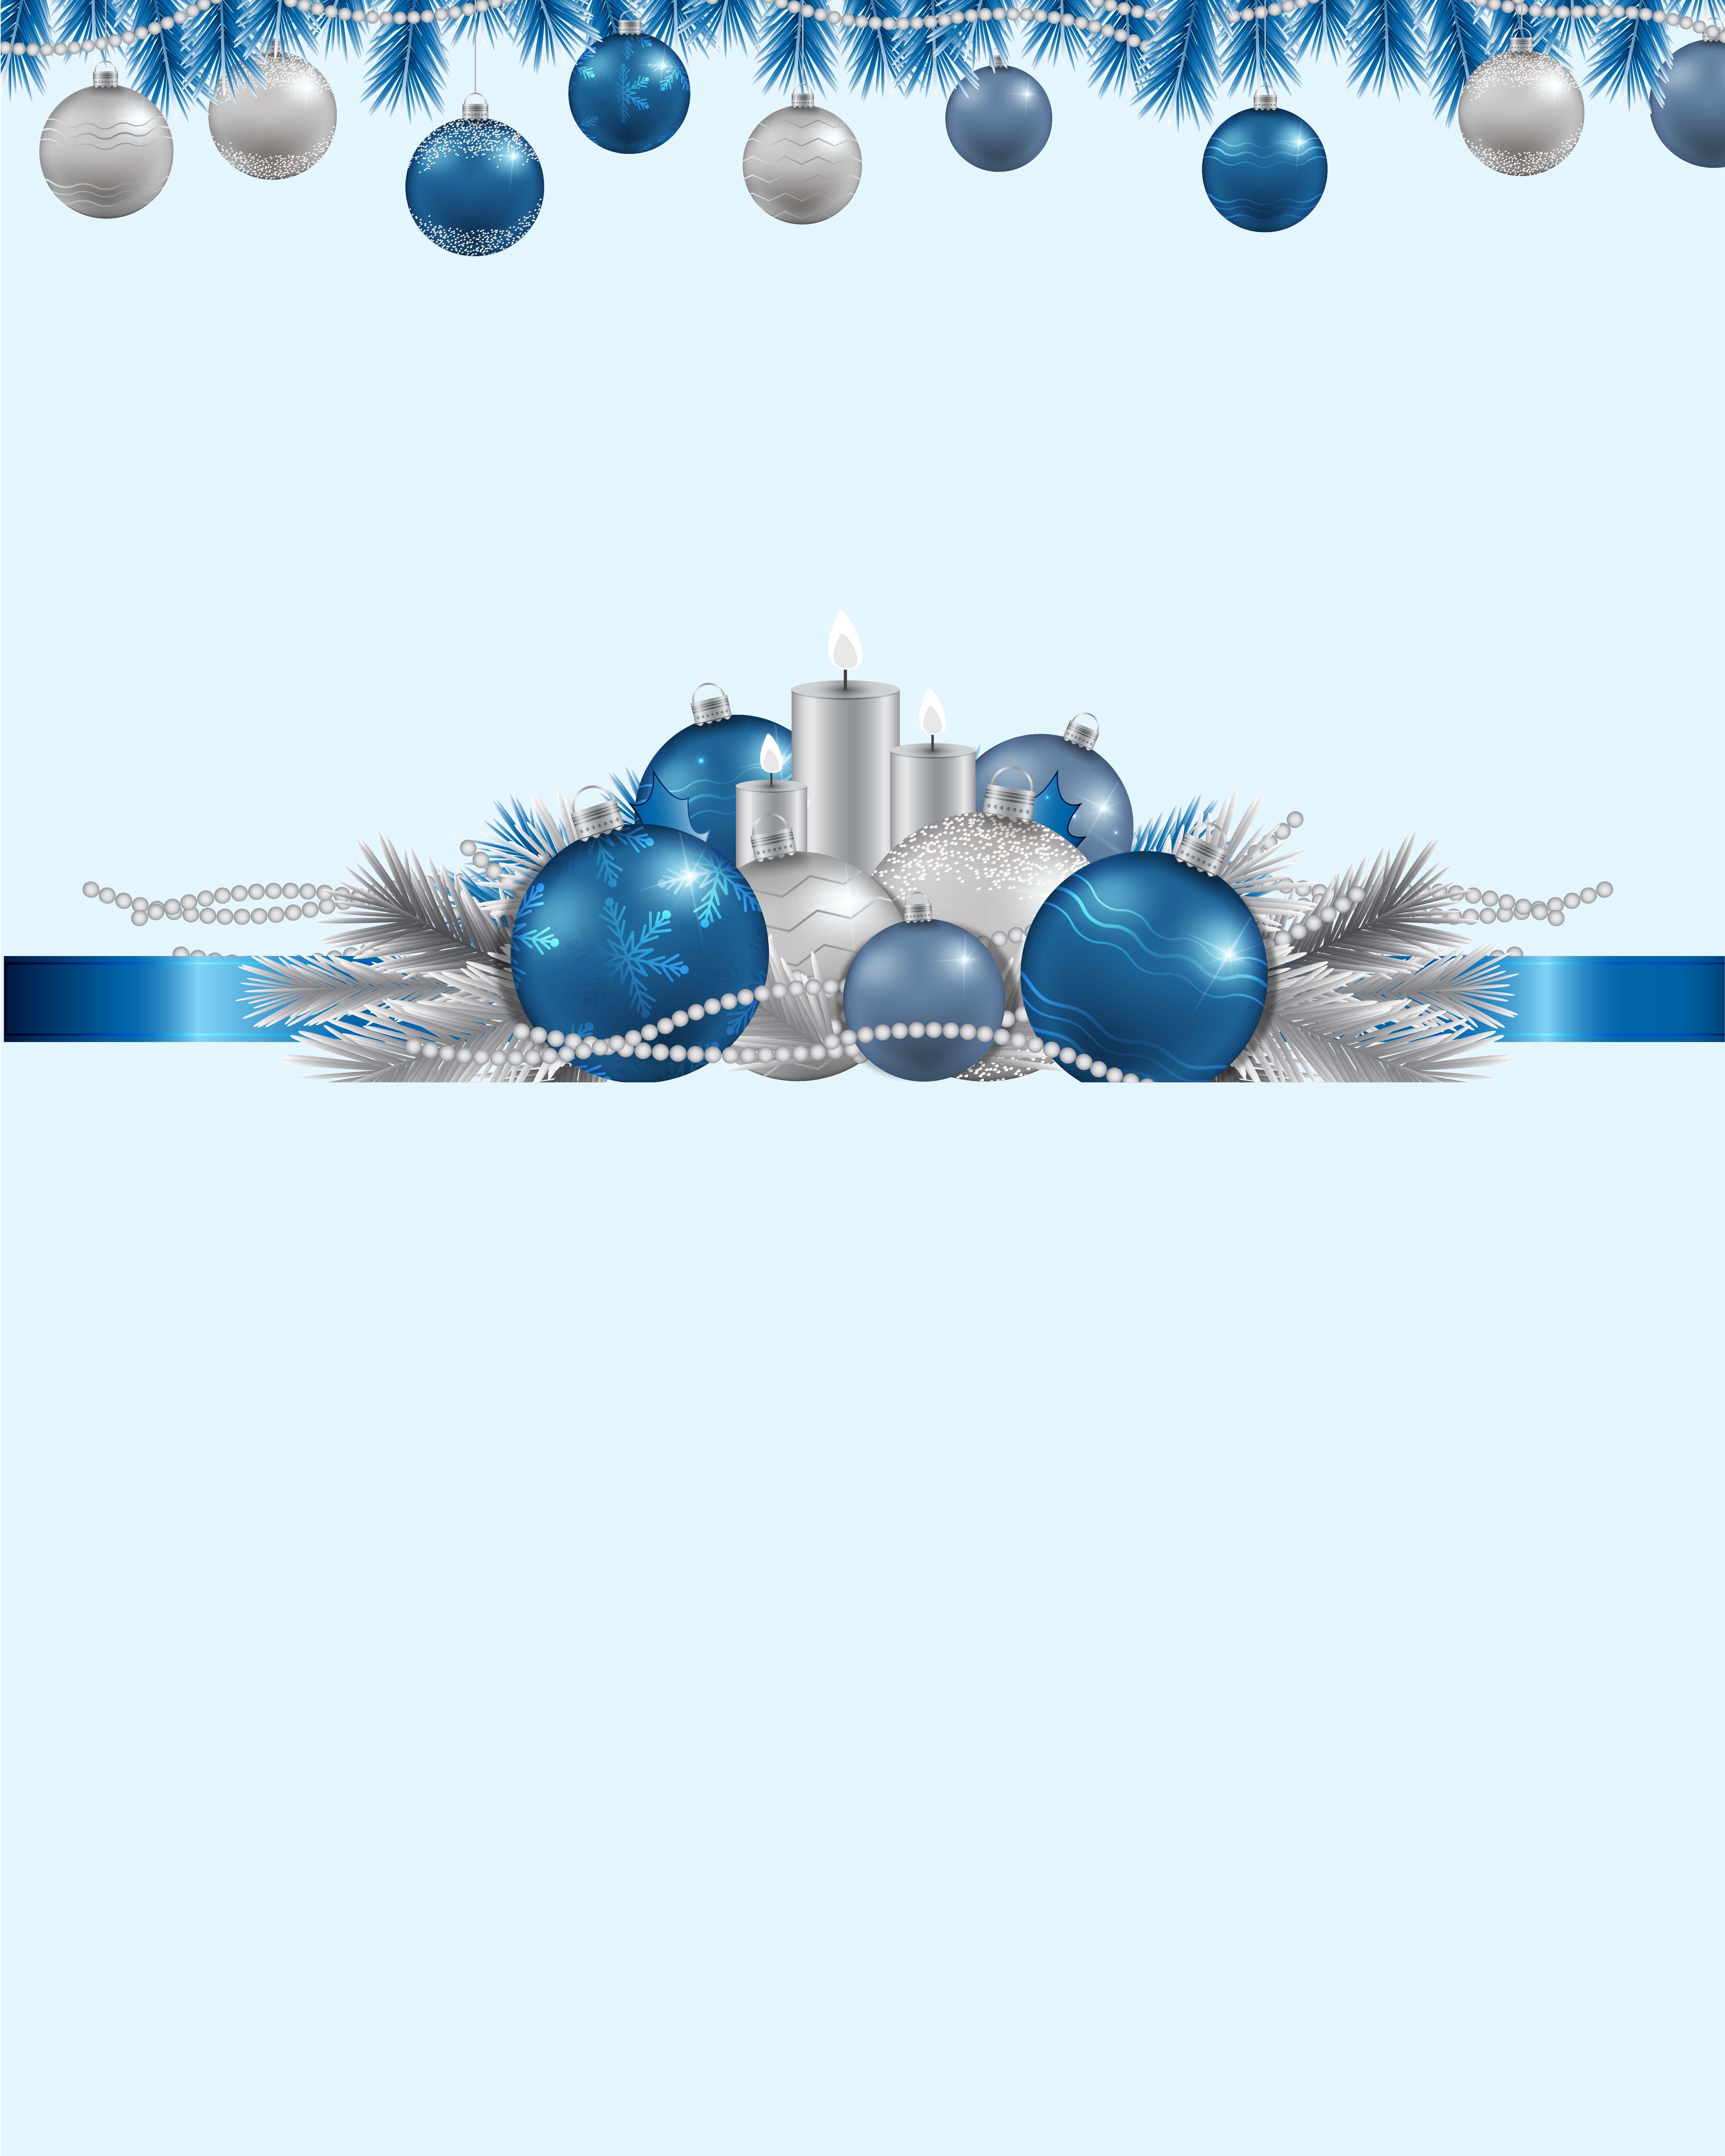 Allenjoy fotografía telones de fondo ornamento marcos azul navidad niños vacaciones vinilo Impresión Digital personalizar fondos de Navidad en ...